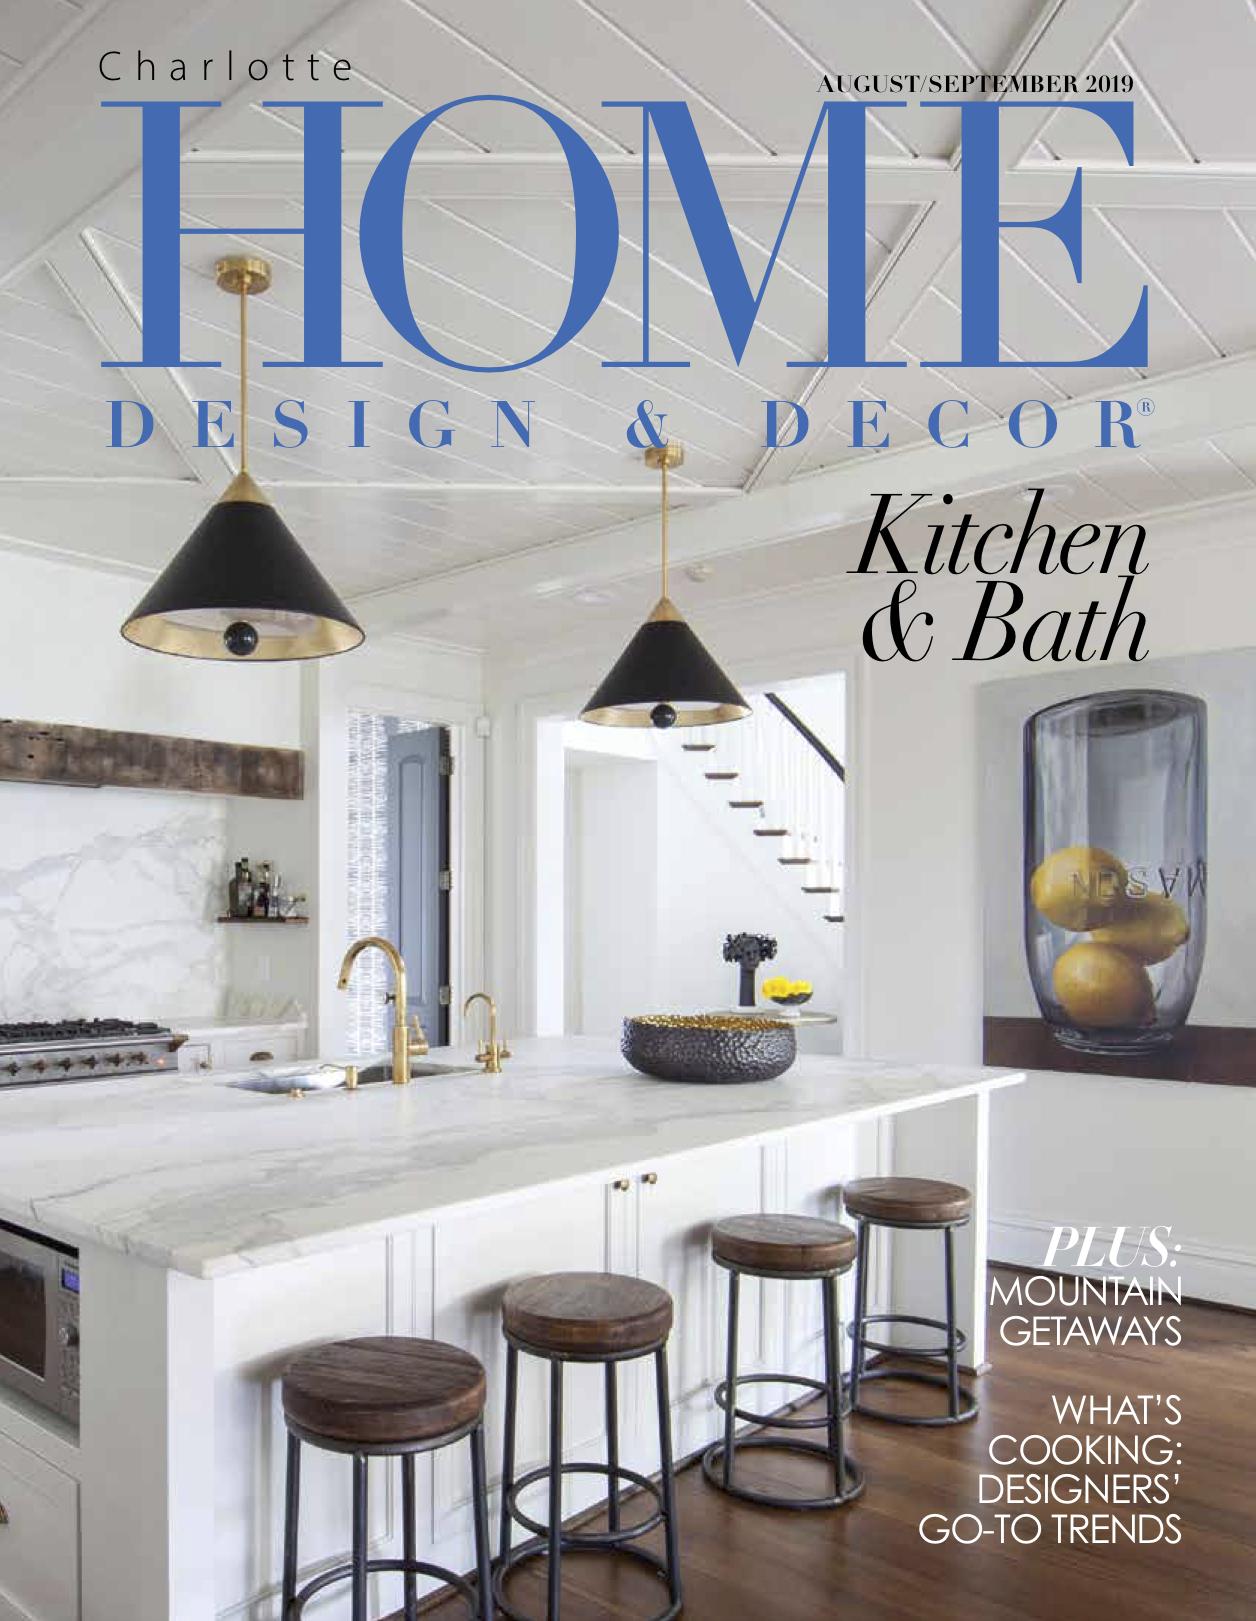 Charlotte : Home Design & Decor